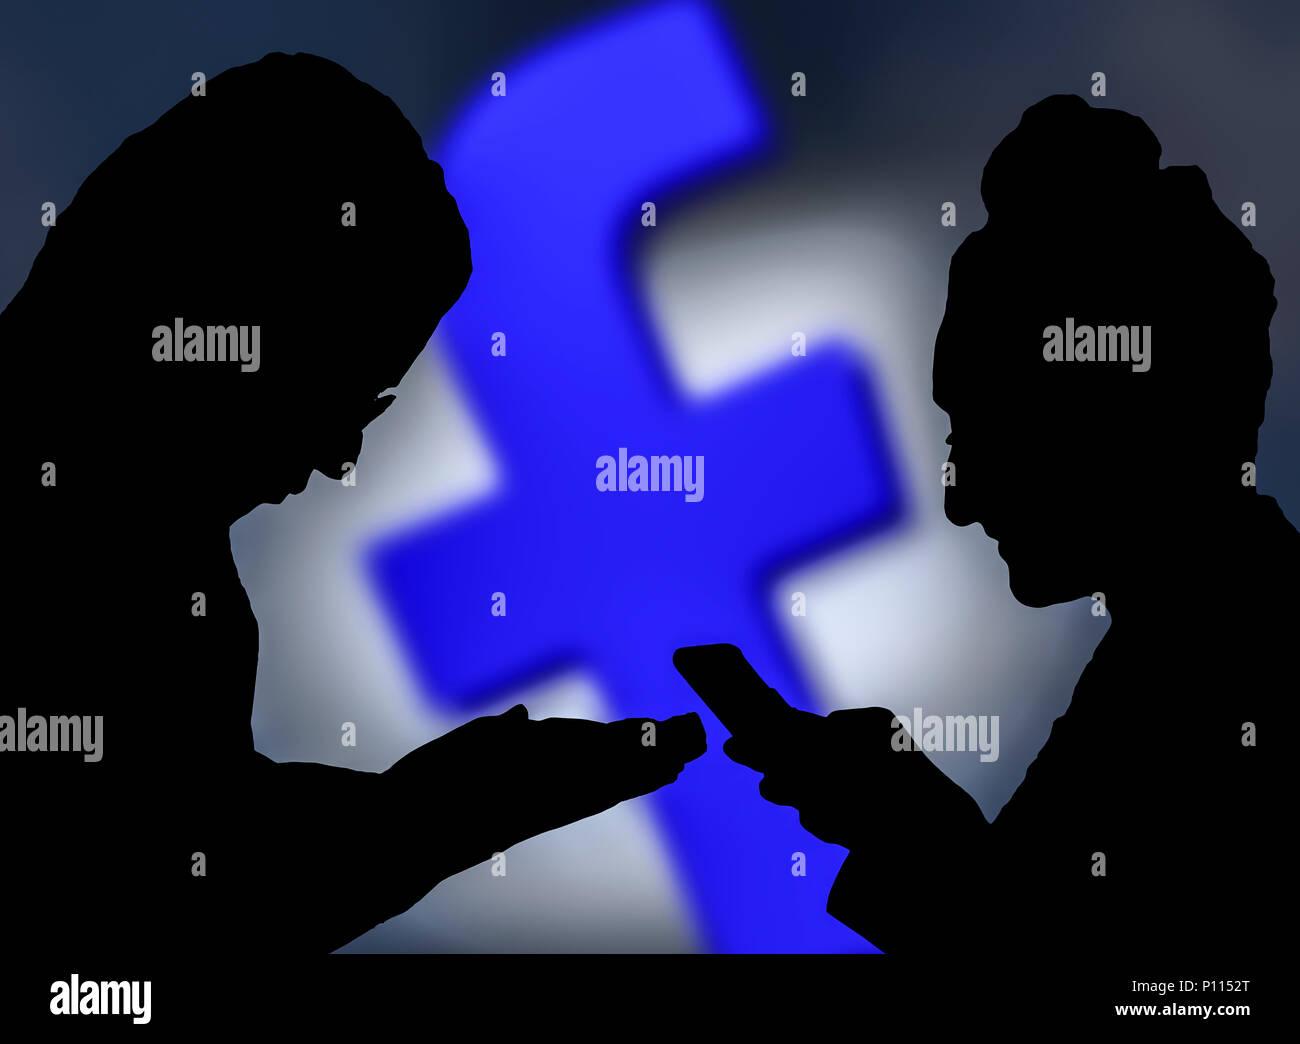 Las siluetas de un par de personas utilizando la aplicación Facebook en smartphones. 2 personas chateando y sesión en Facebook. Imagen De Stock